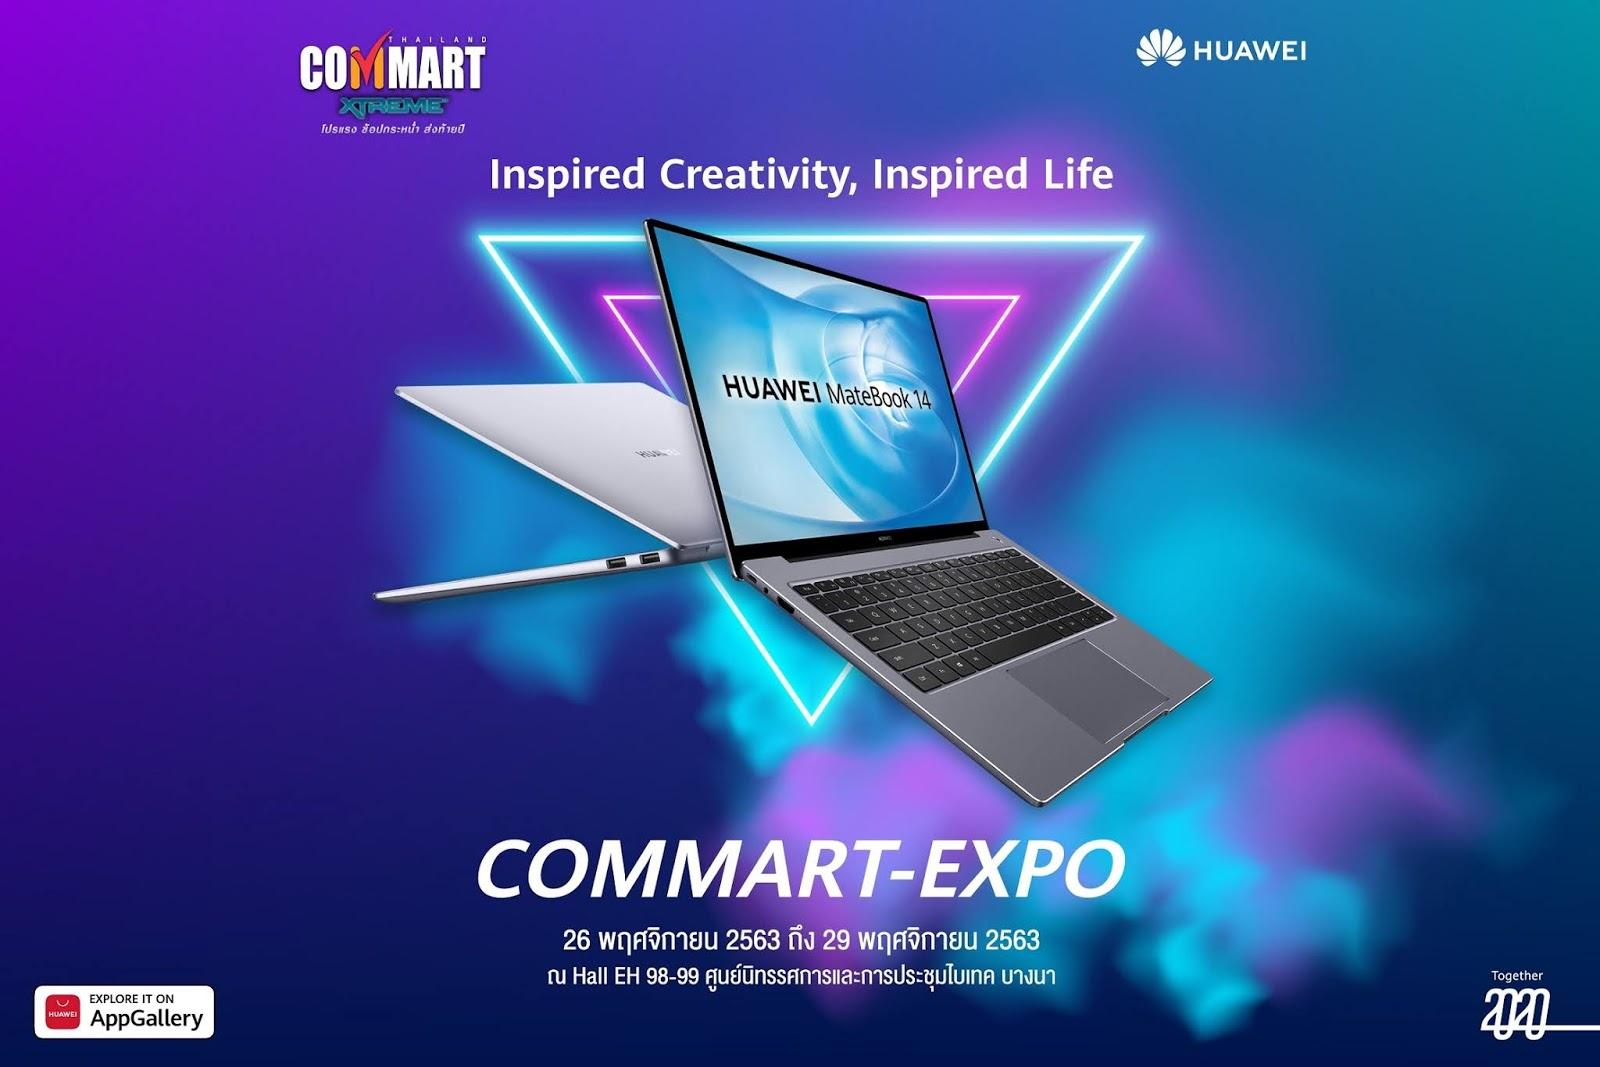 Huawei เสิร์ฟความฟิน ลดยกแผง แรงทุกโปรฯ! กับมหกรรมงานไอทีที่ใหญ่ที่สุดส่งท้ายปี COMMART-EXPO 2020